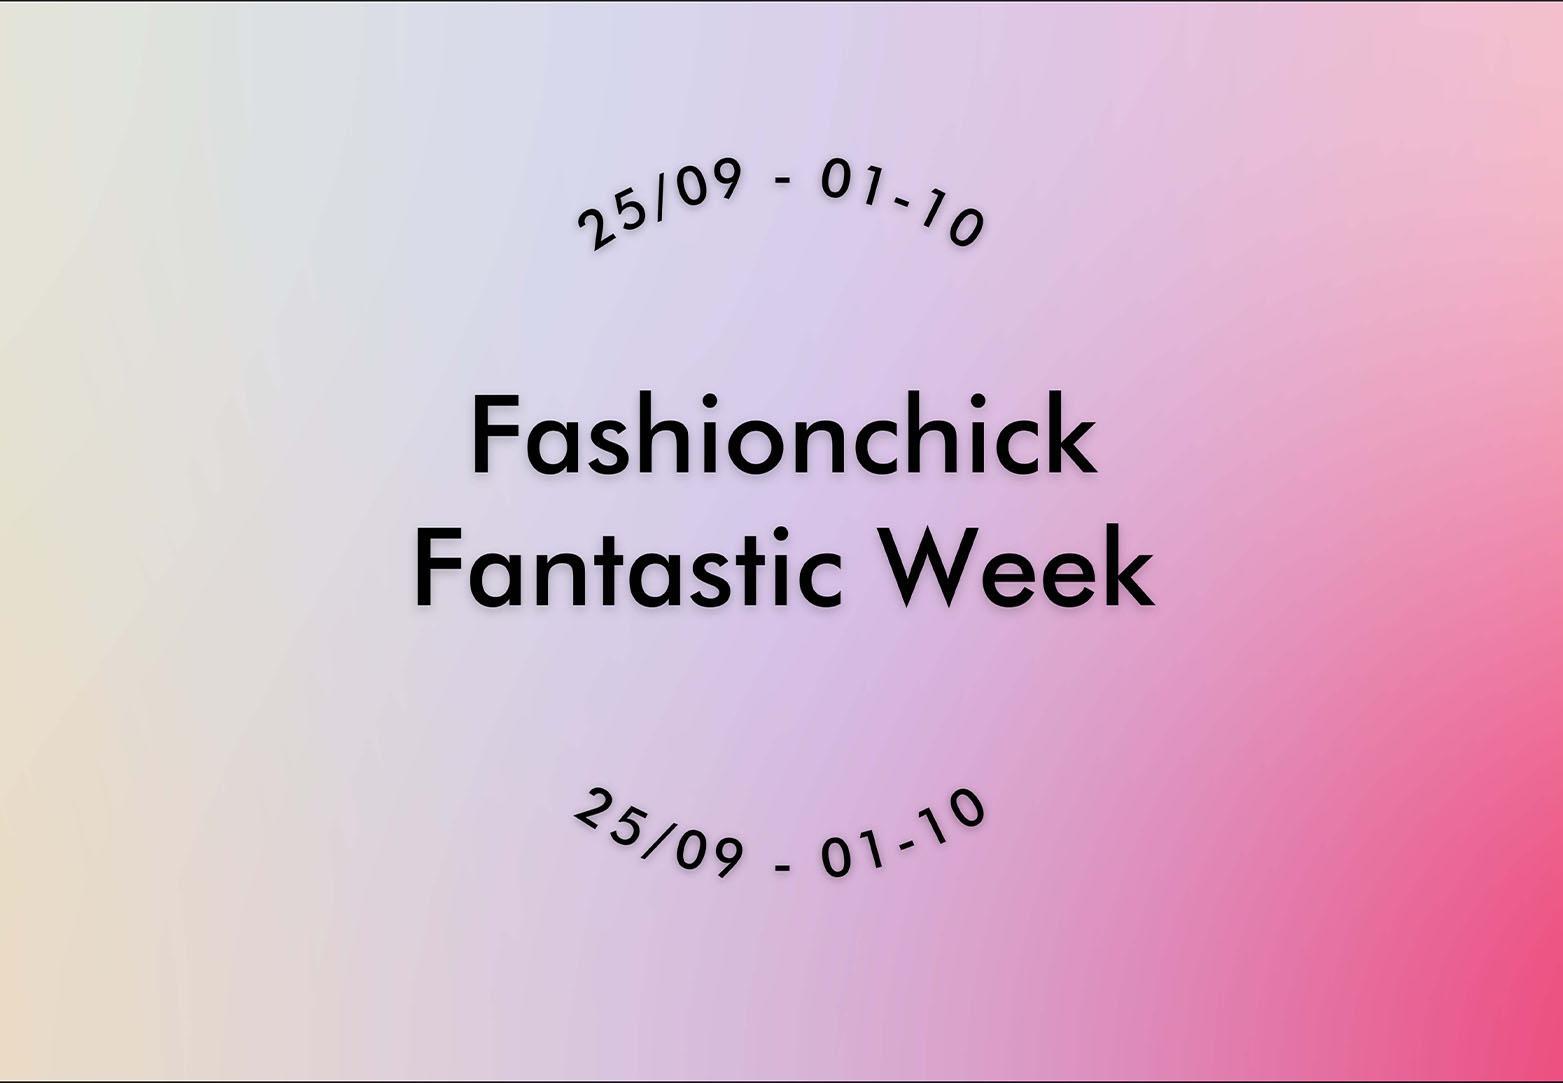 Ontdek de Fashionchick Fantastic Week! (25 september - 1 oktober)